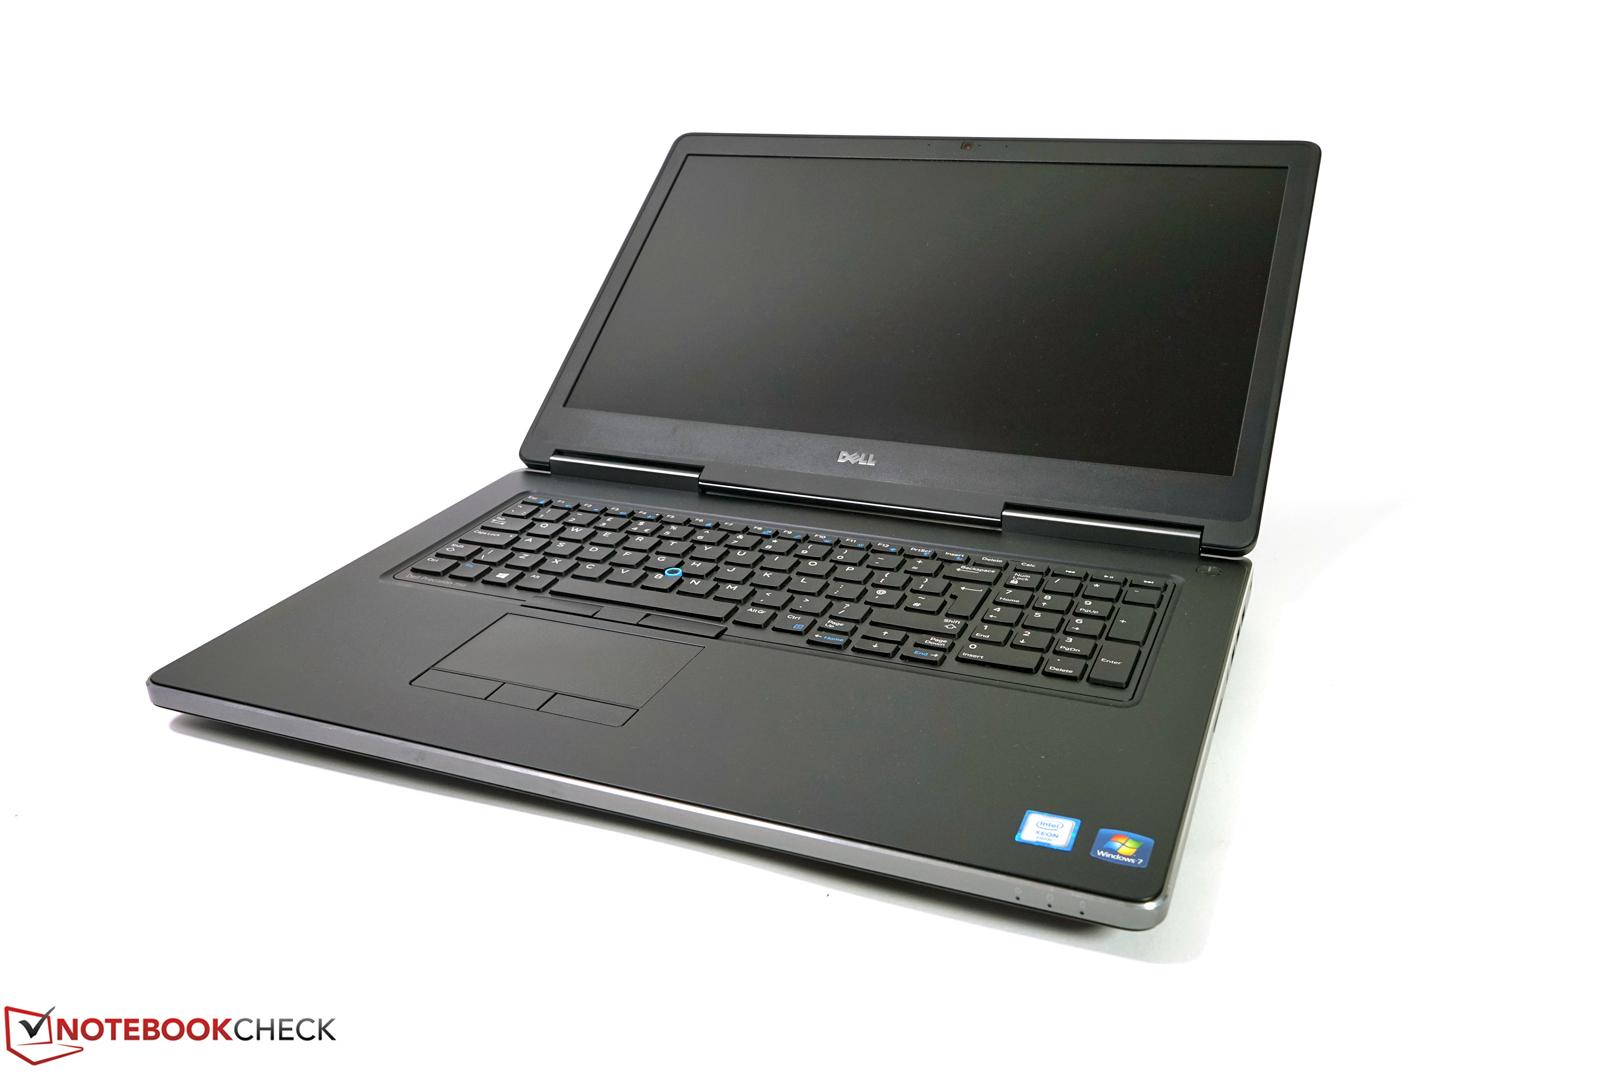 Dell Precision 370 Creative Audio Driver for PC